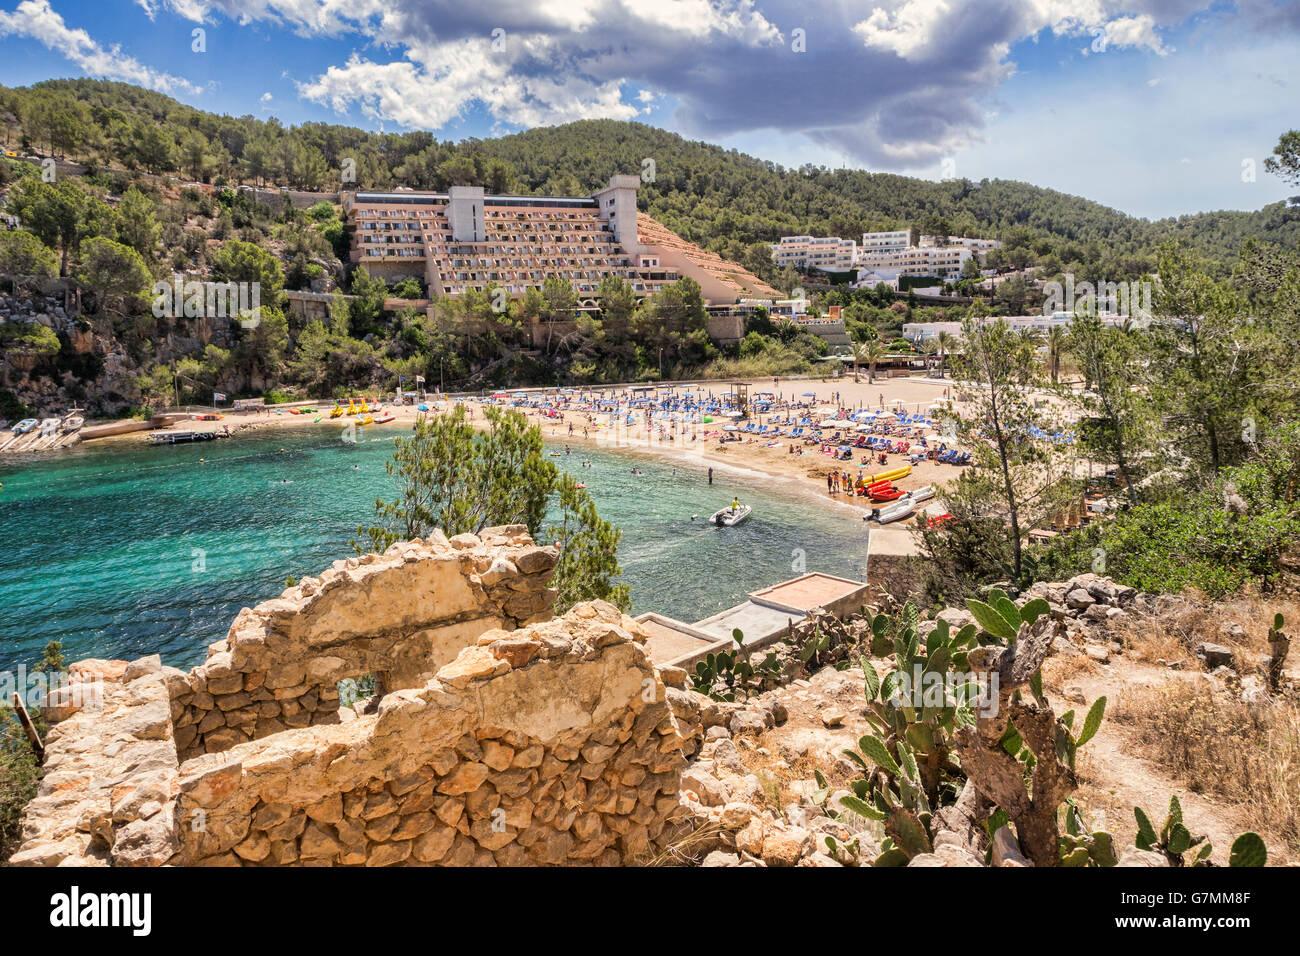 Puerto de San Miguel, Ibiza, Spain. - Stock Image